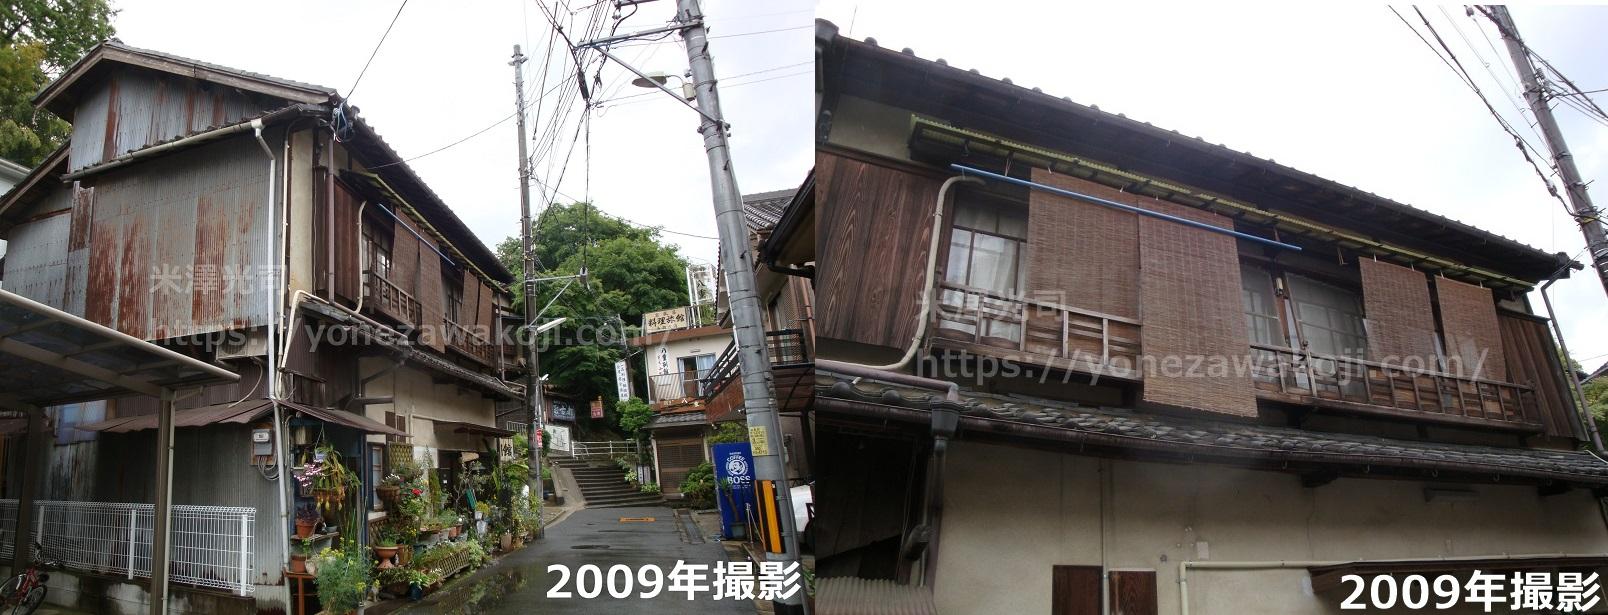 長野新地現存しない建物